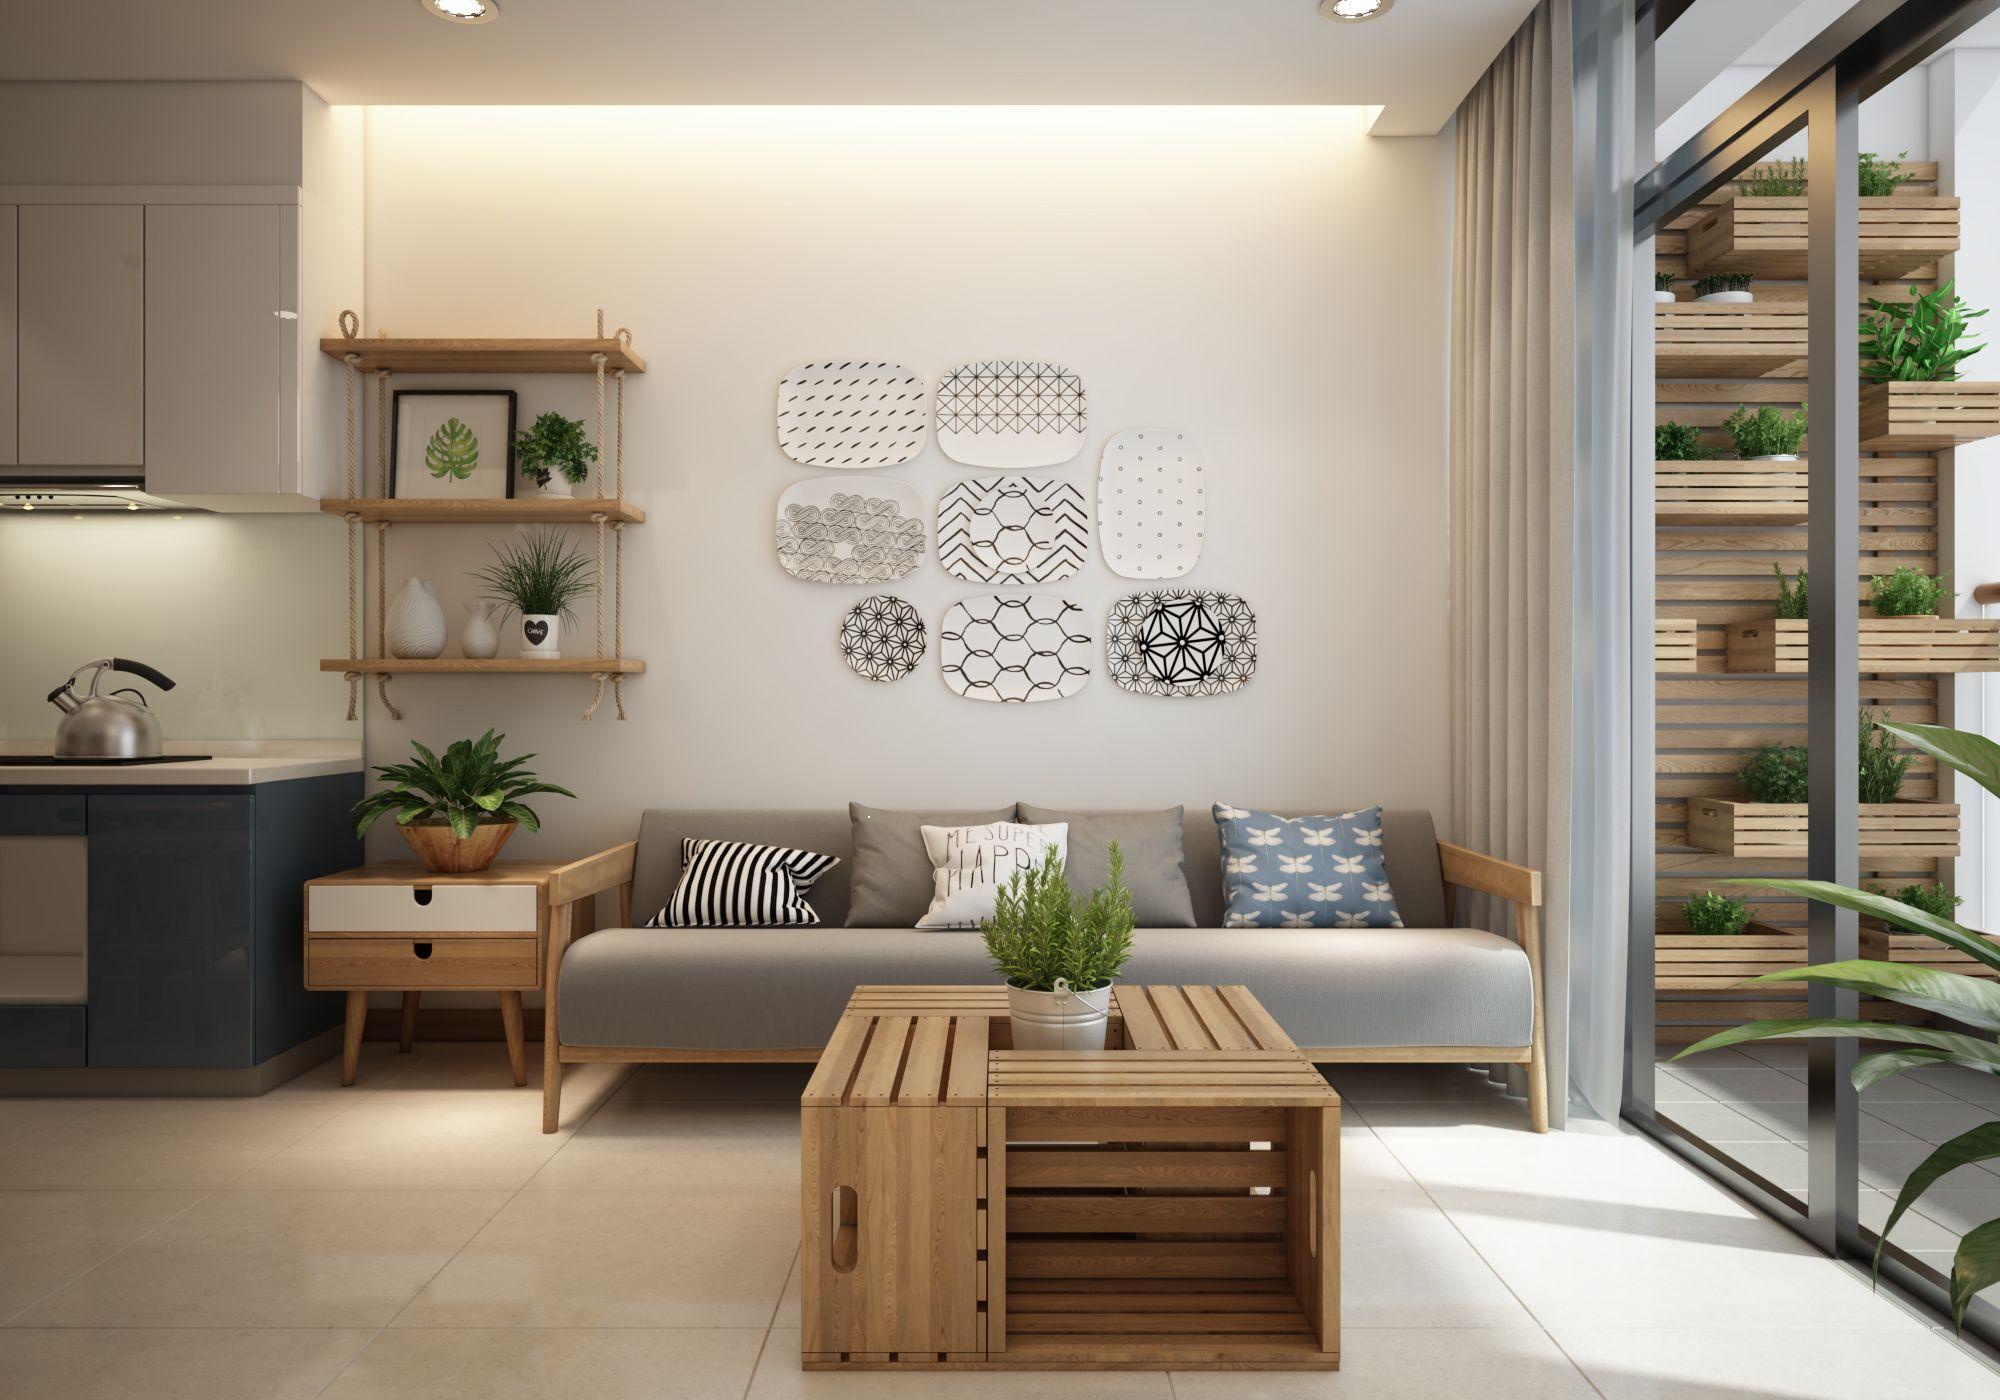 Trang trí nội thất chung cư 60m2 mang đậm chất Scandinavian